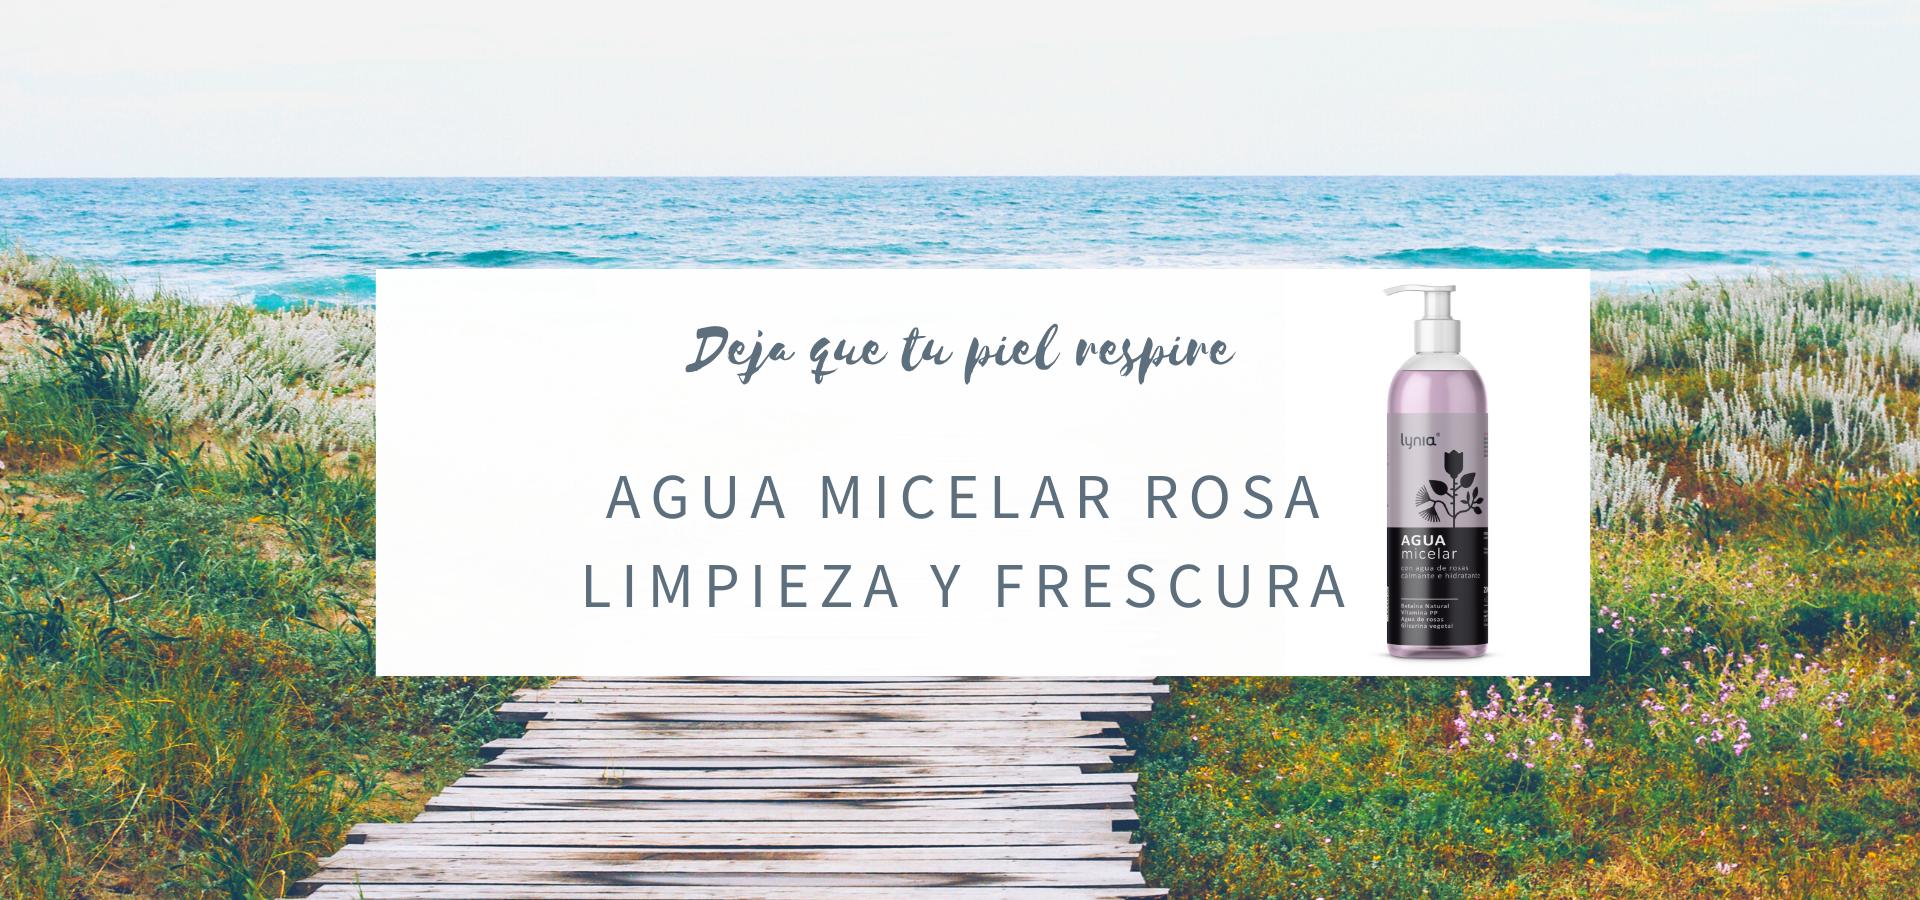 Agua Micelar Rosa